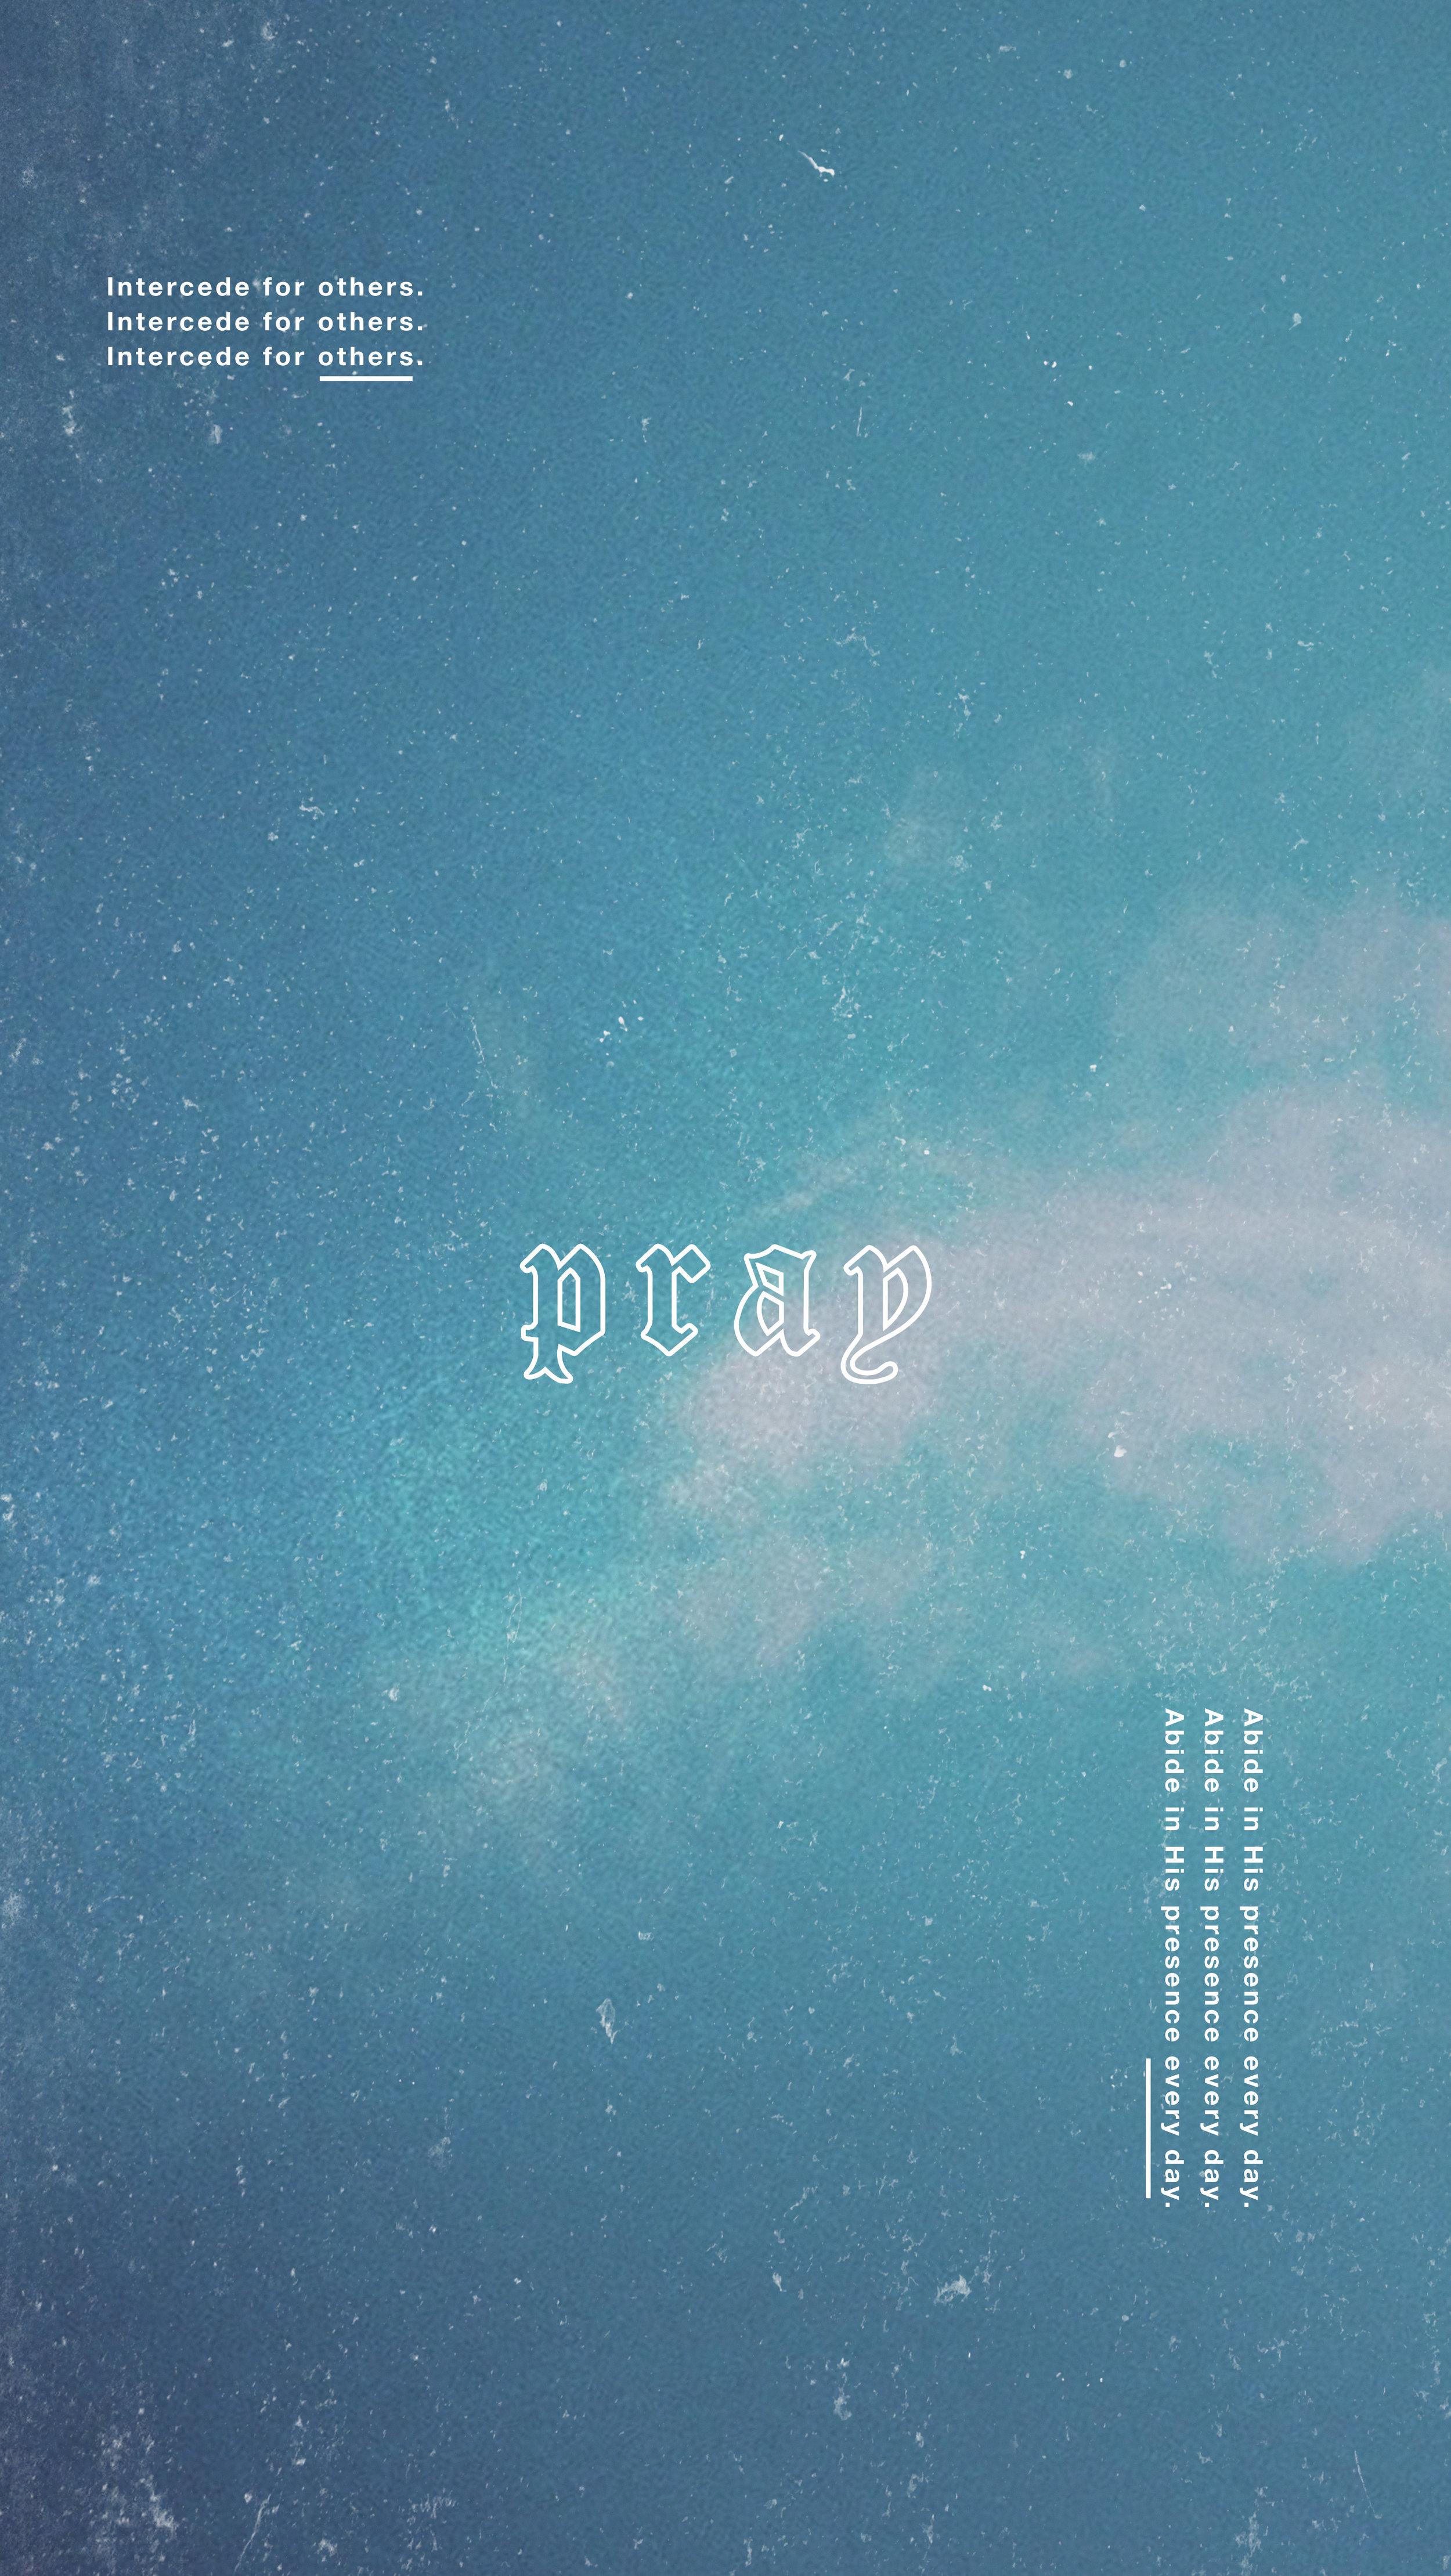 pray_wallpaper.jpg